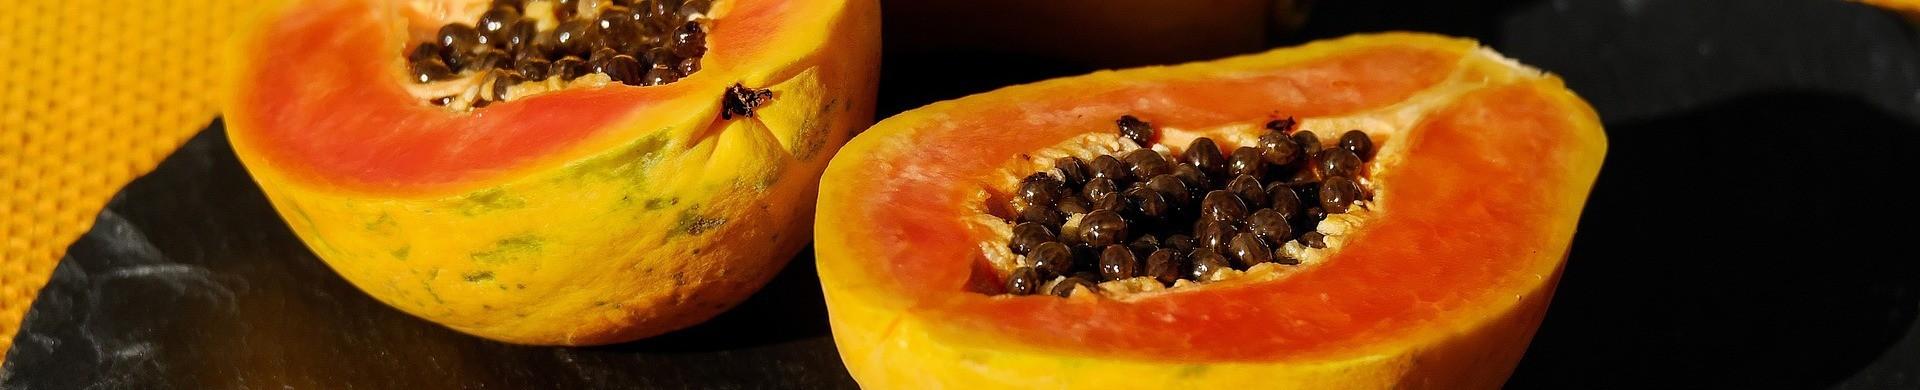 Frutales Tropicales y Subtropicales - Frutos tropicales - Arboles trop